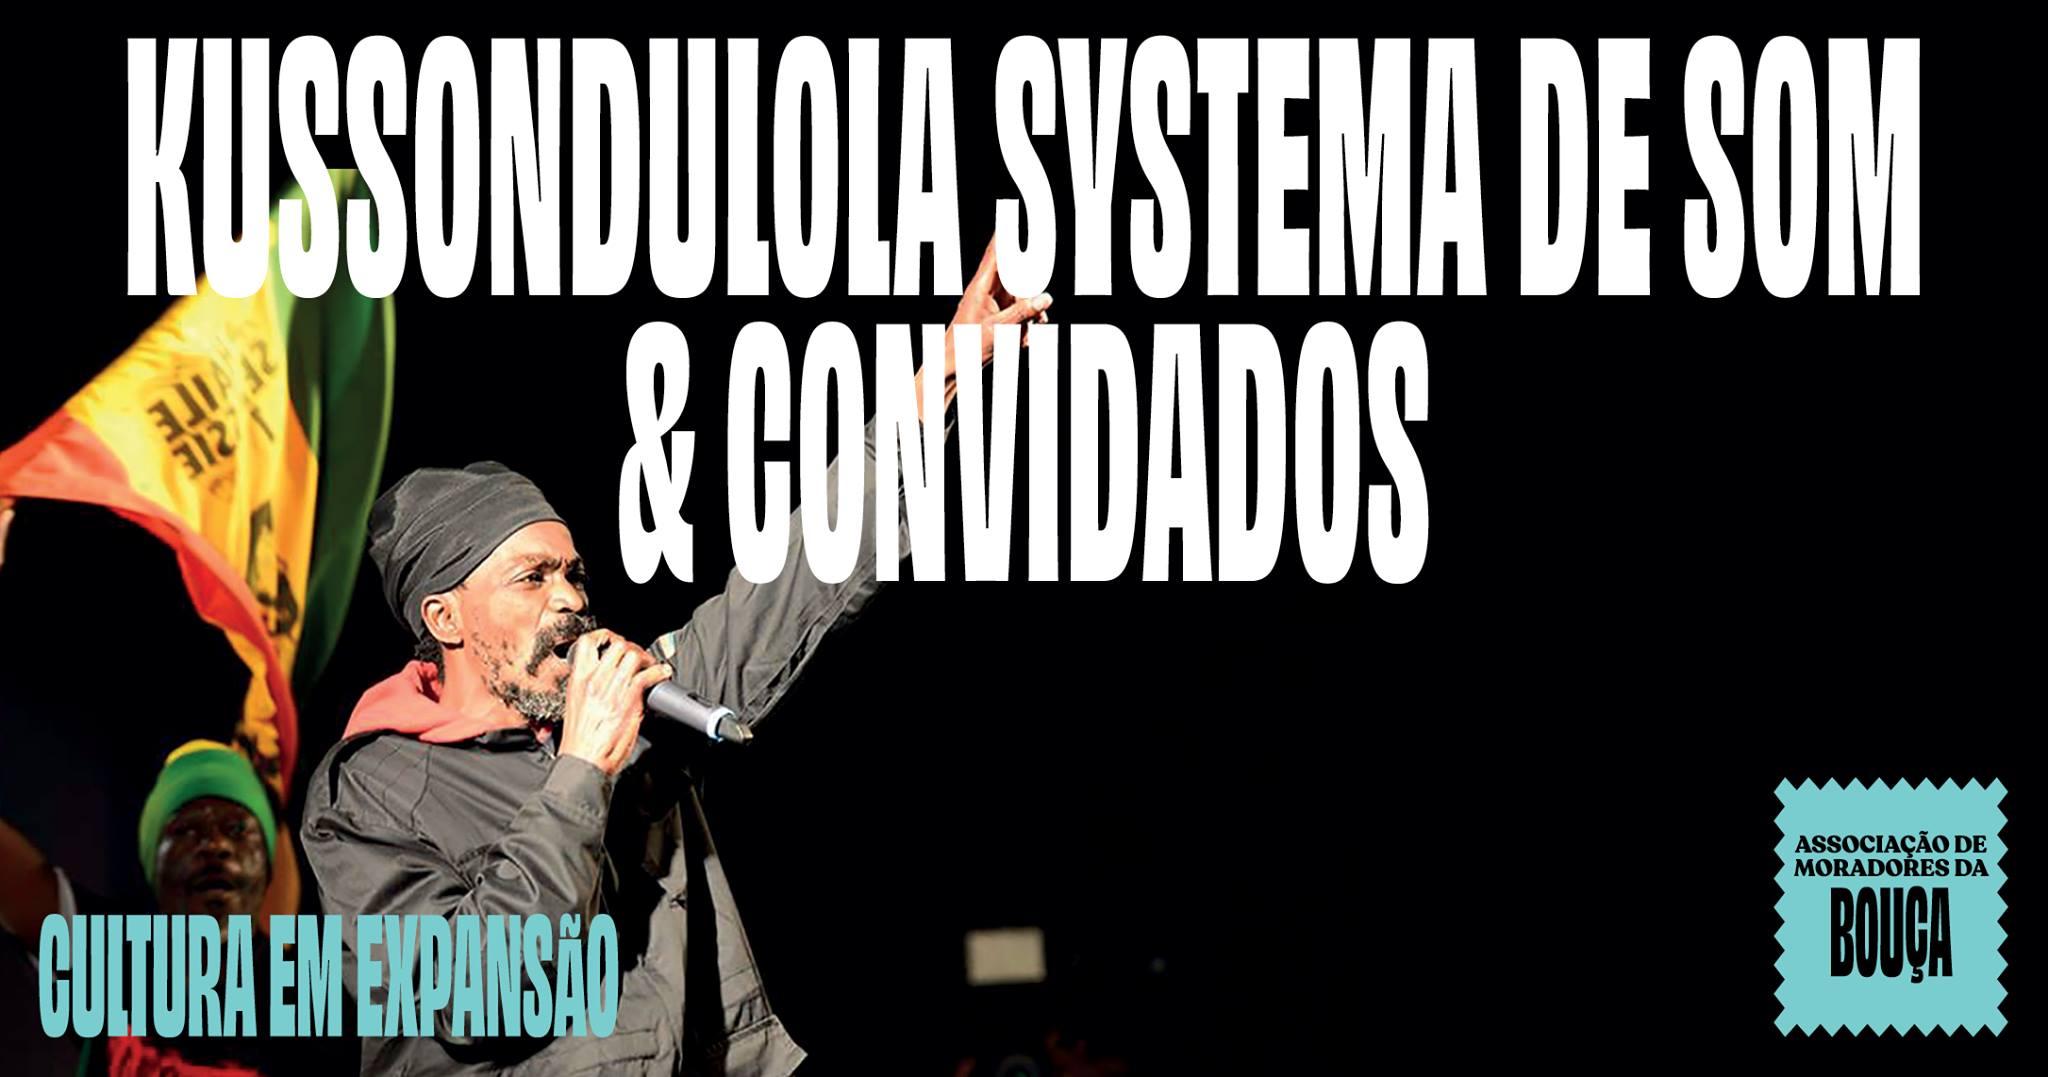 KUSSONDULOLA SYSTEMA DE SOM & CONVIDADOS